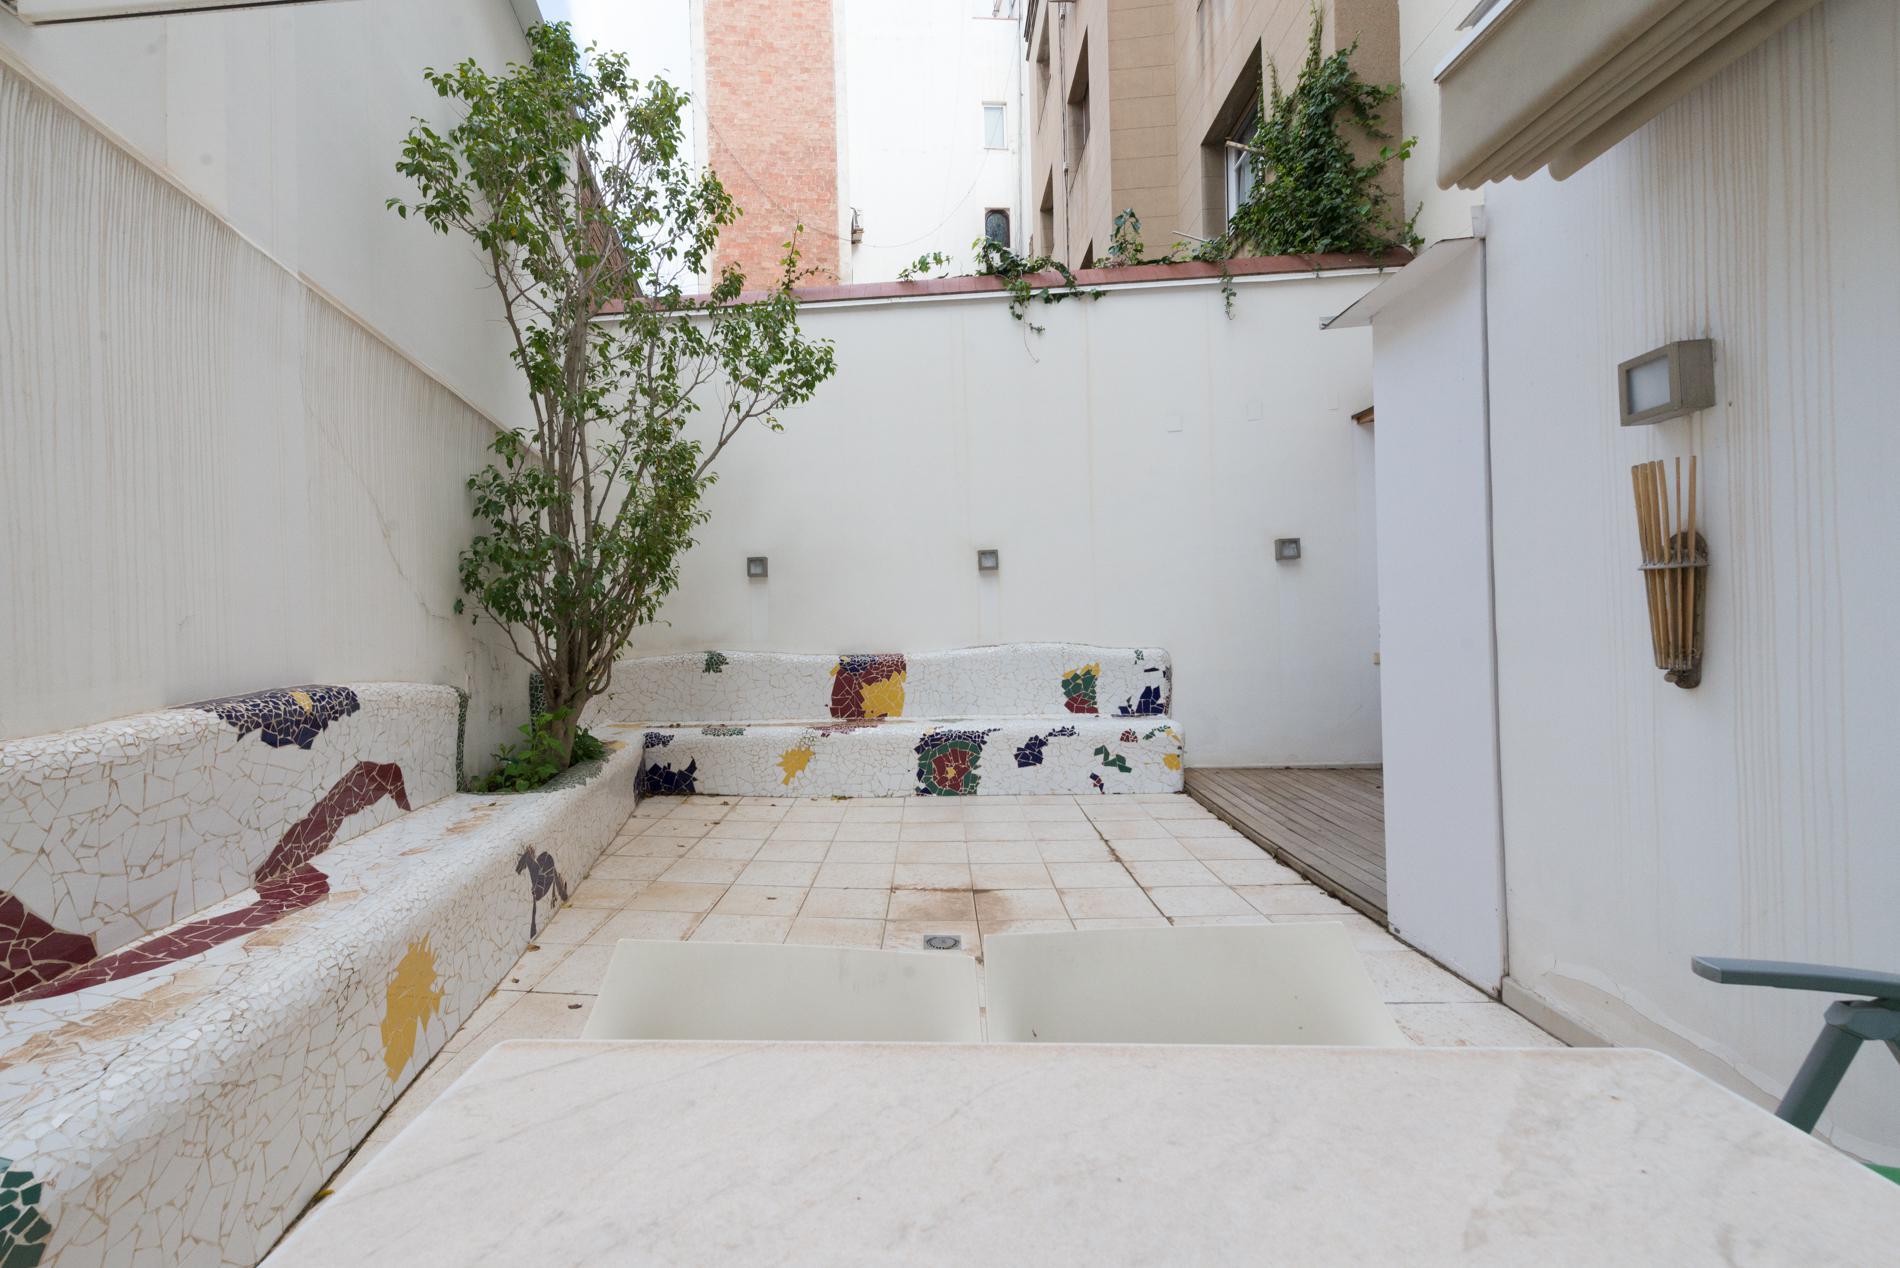 247761 Ground Floor for sale in Sarrià-Sant Gervasi, St. Gervasi-Bonanova 24